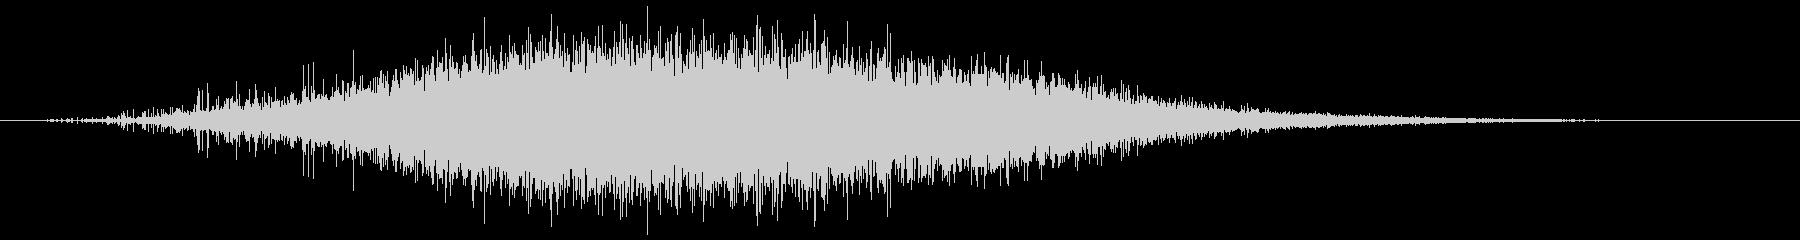 エレクトロスピニングバーストの未再生の波形